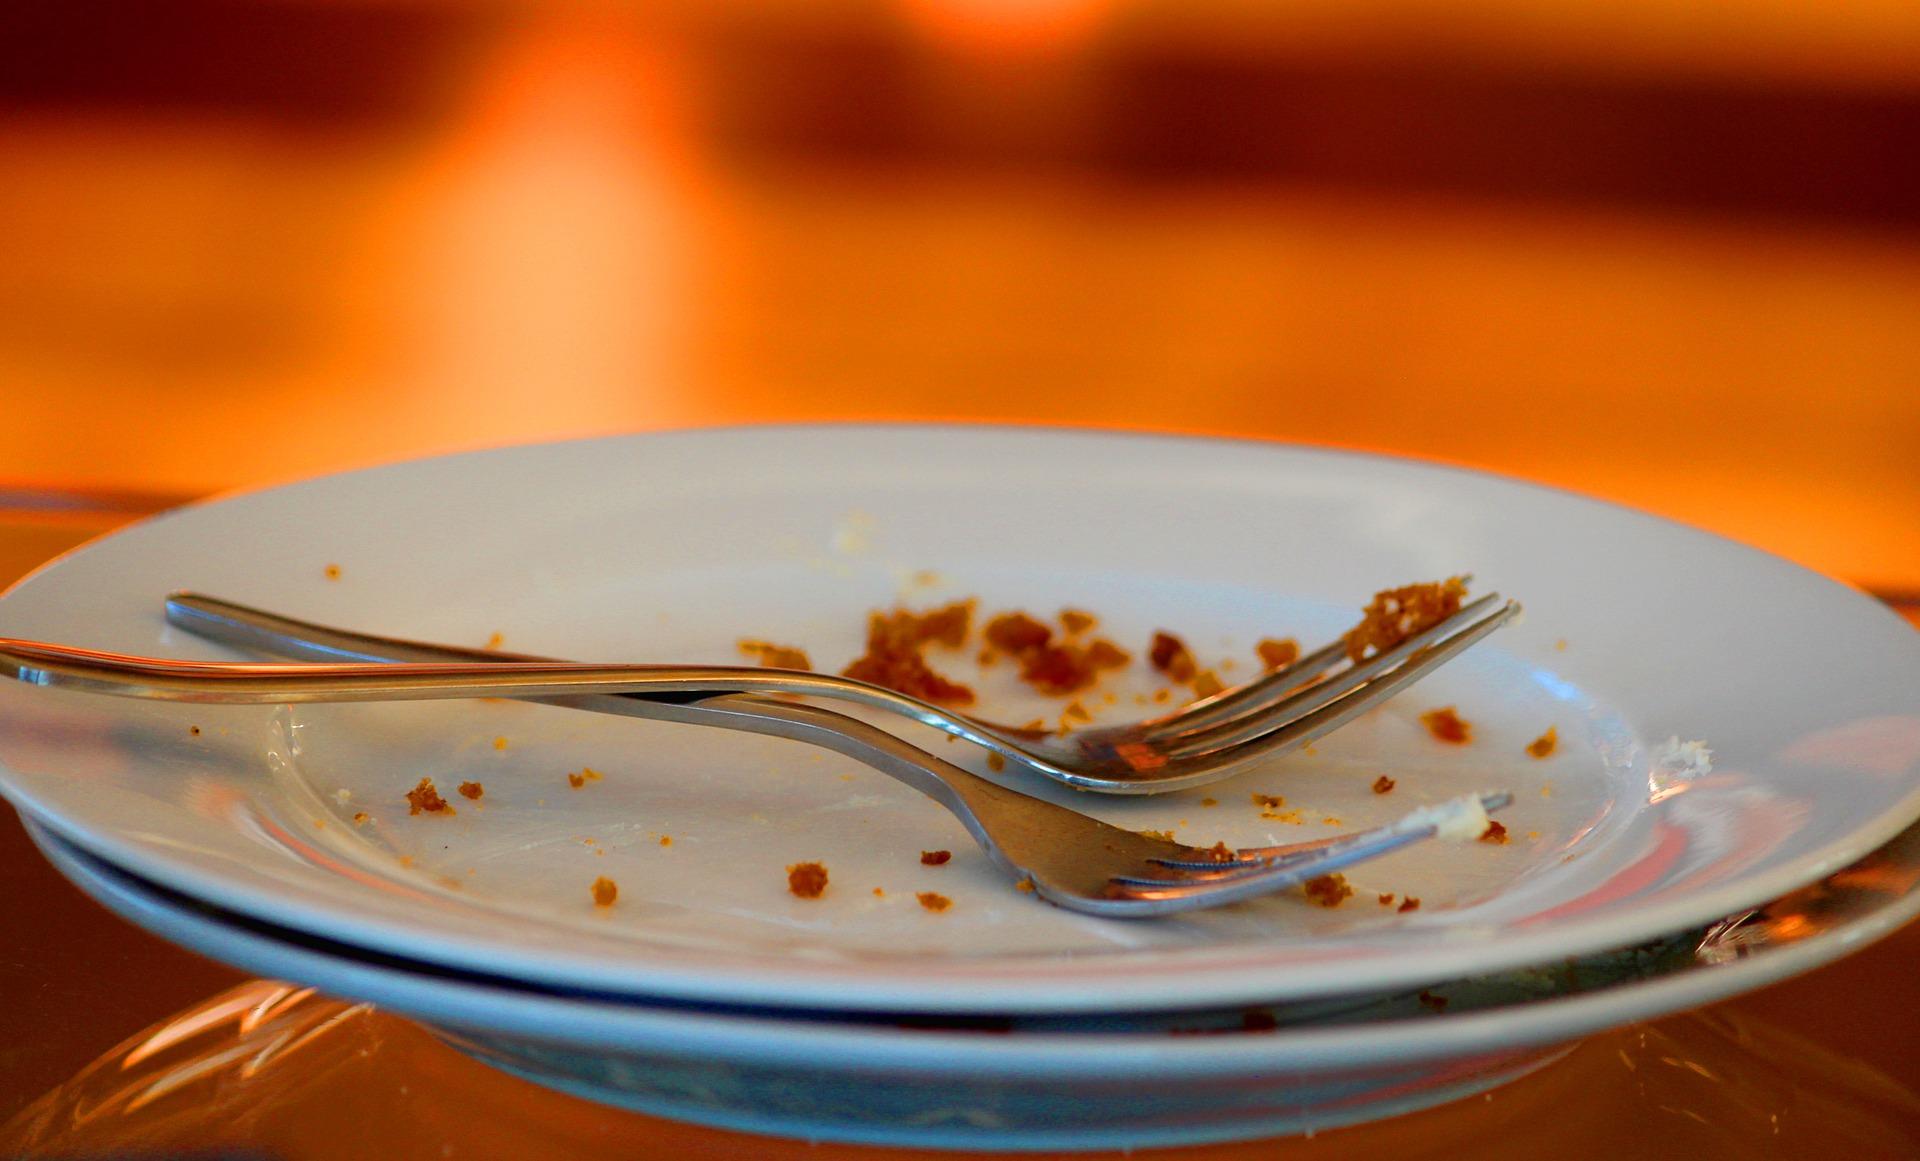 Csökkenthető az éttermi ételhulladék?